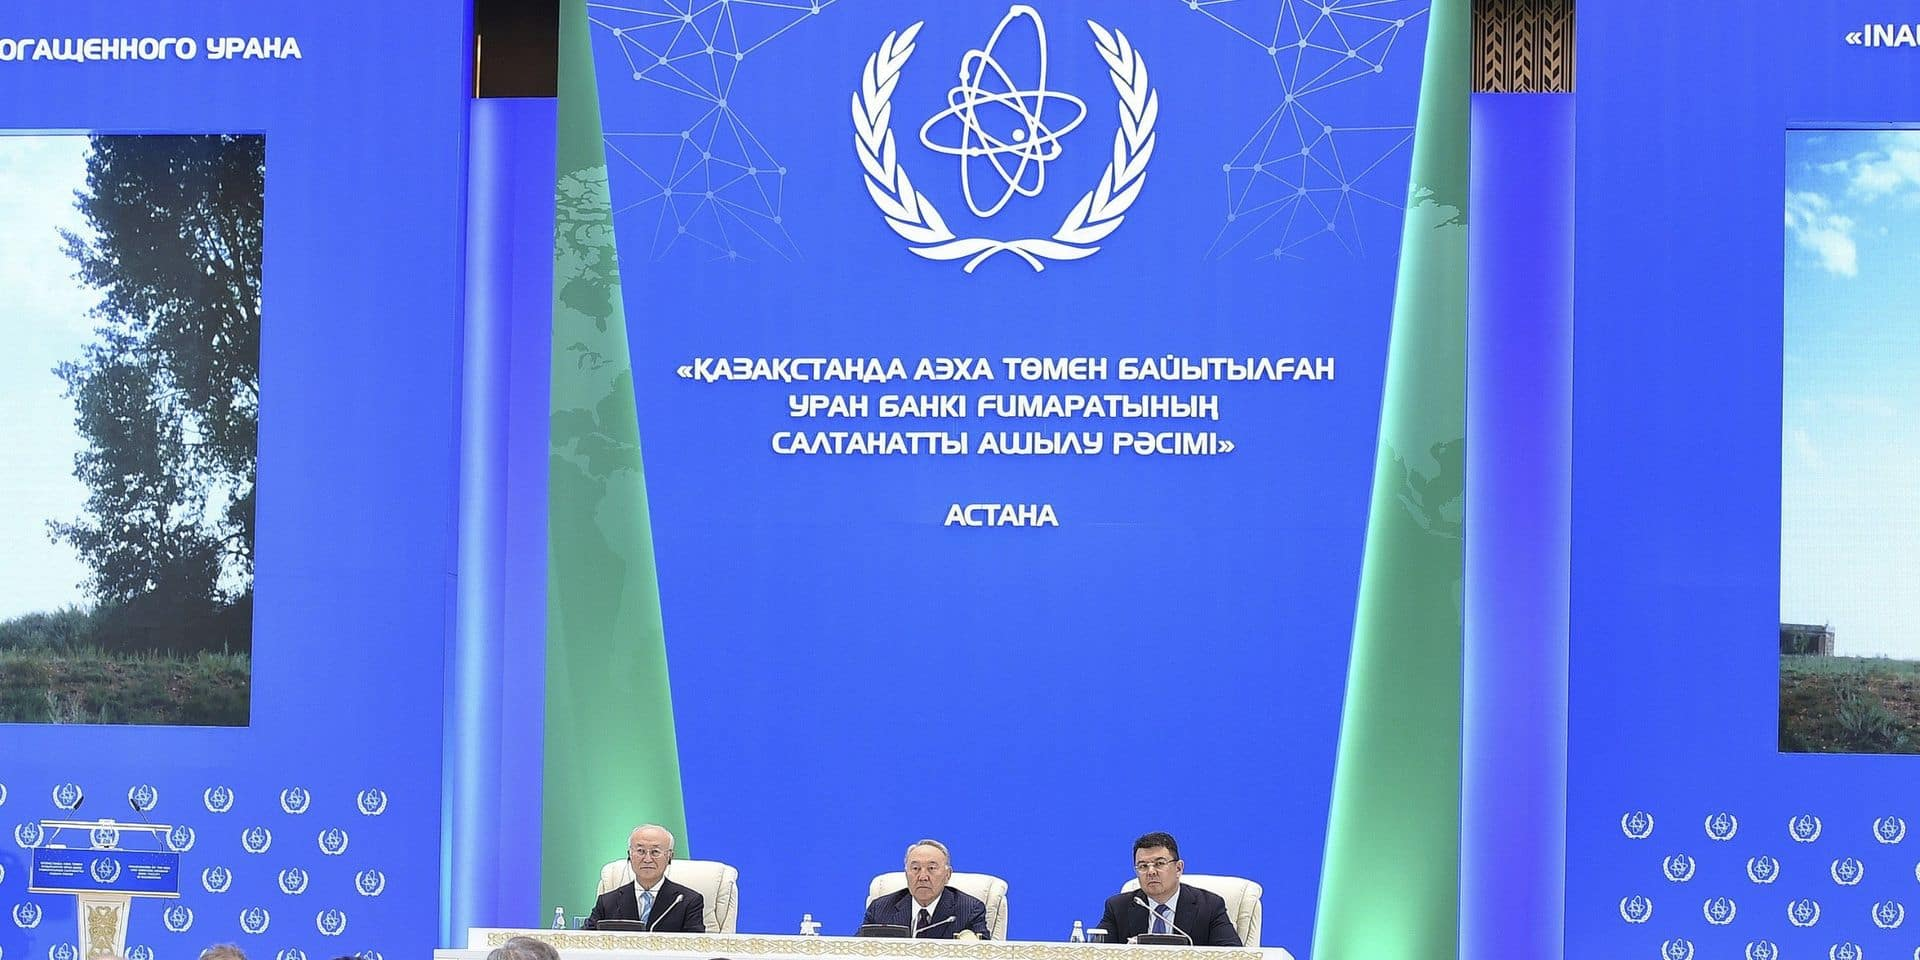 Nucléaire iranien: volte-face pour les Européens qui abandonnent leur résolution contre Téhéran